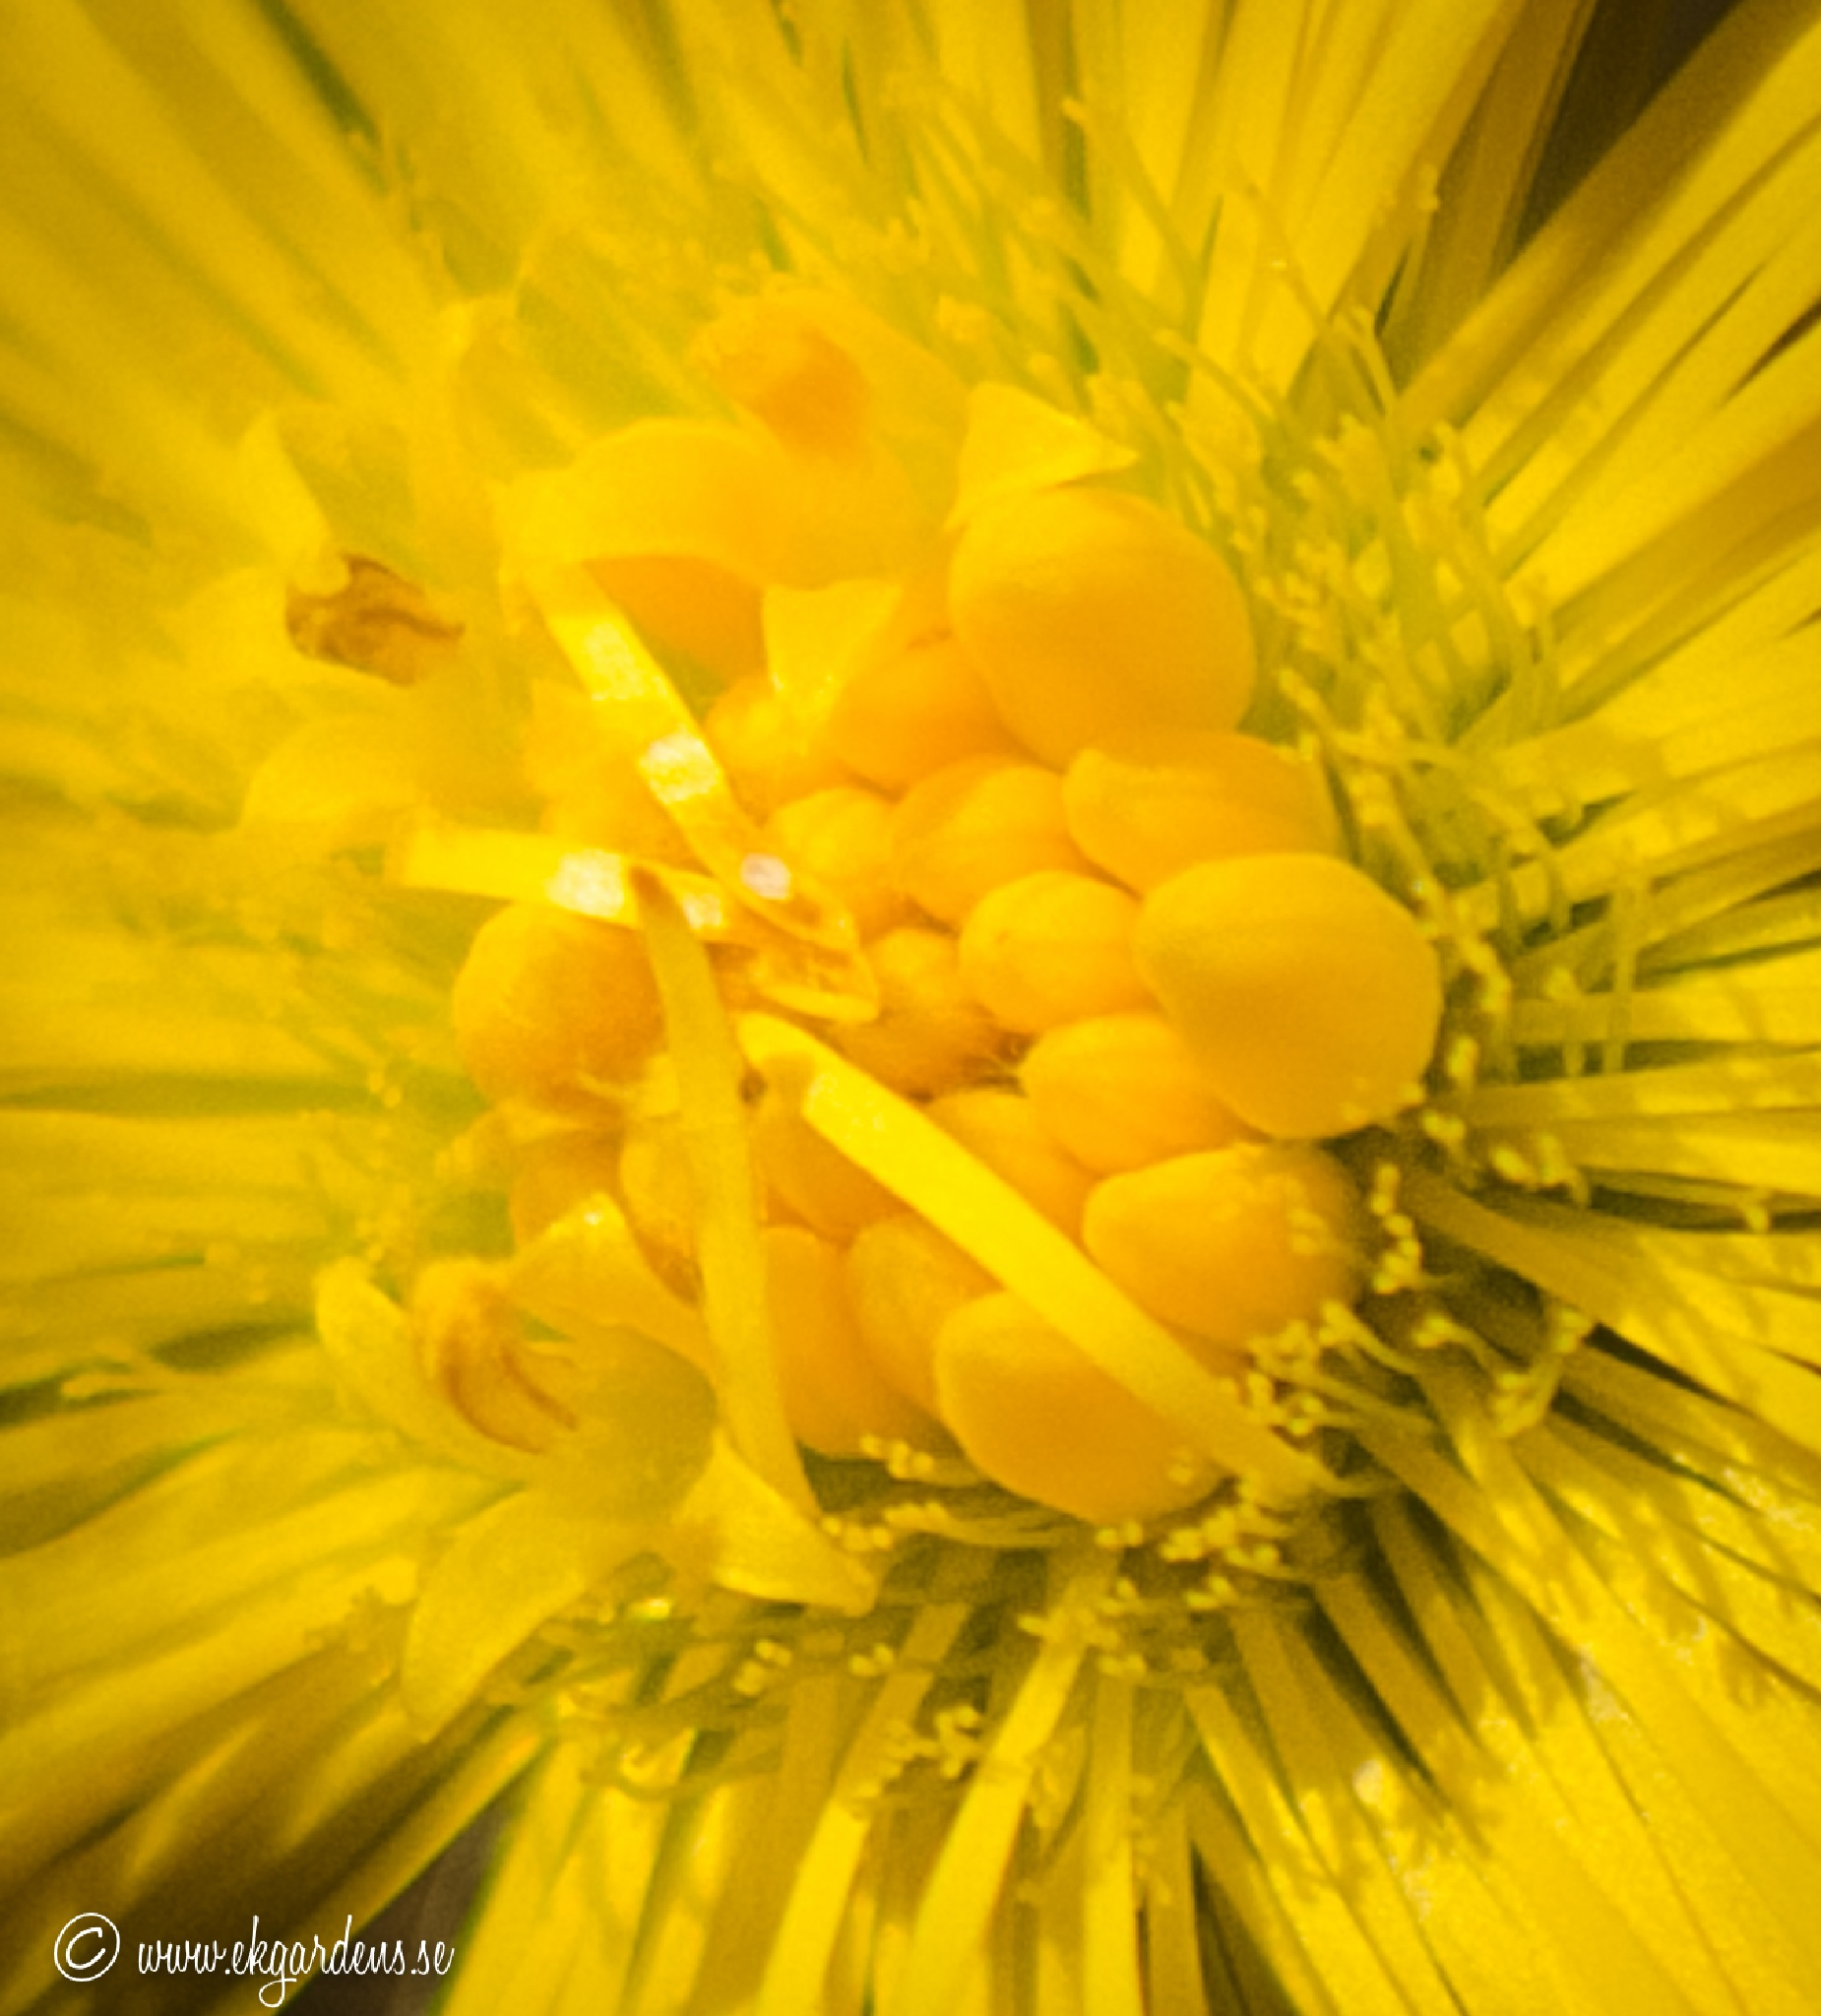 Sun in a flower by Ulrica Nykkel